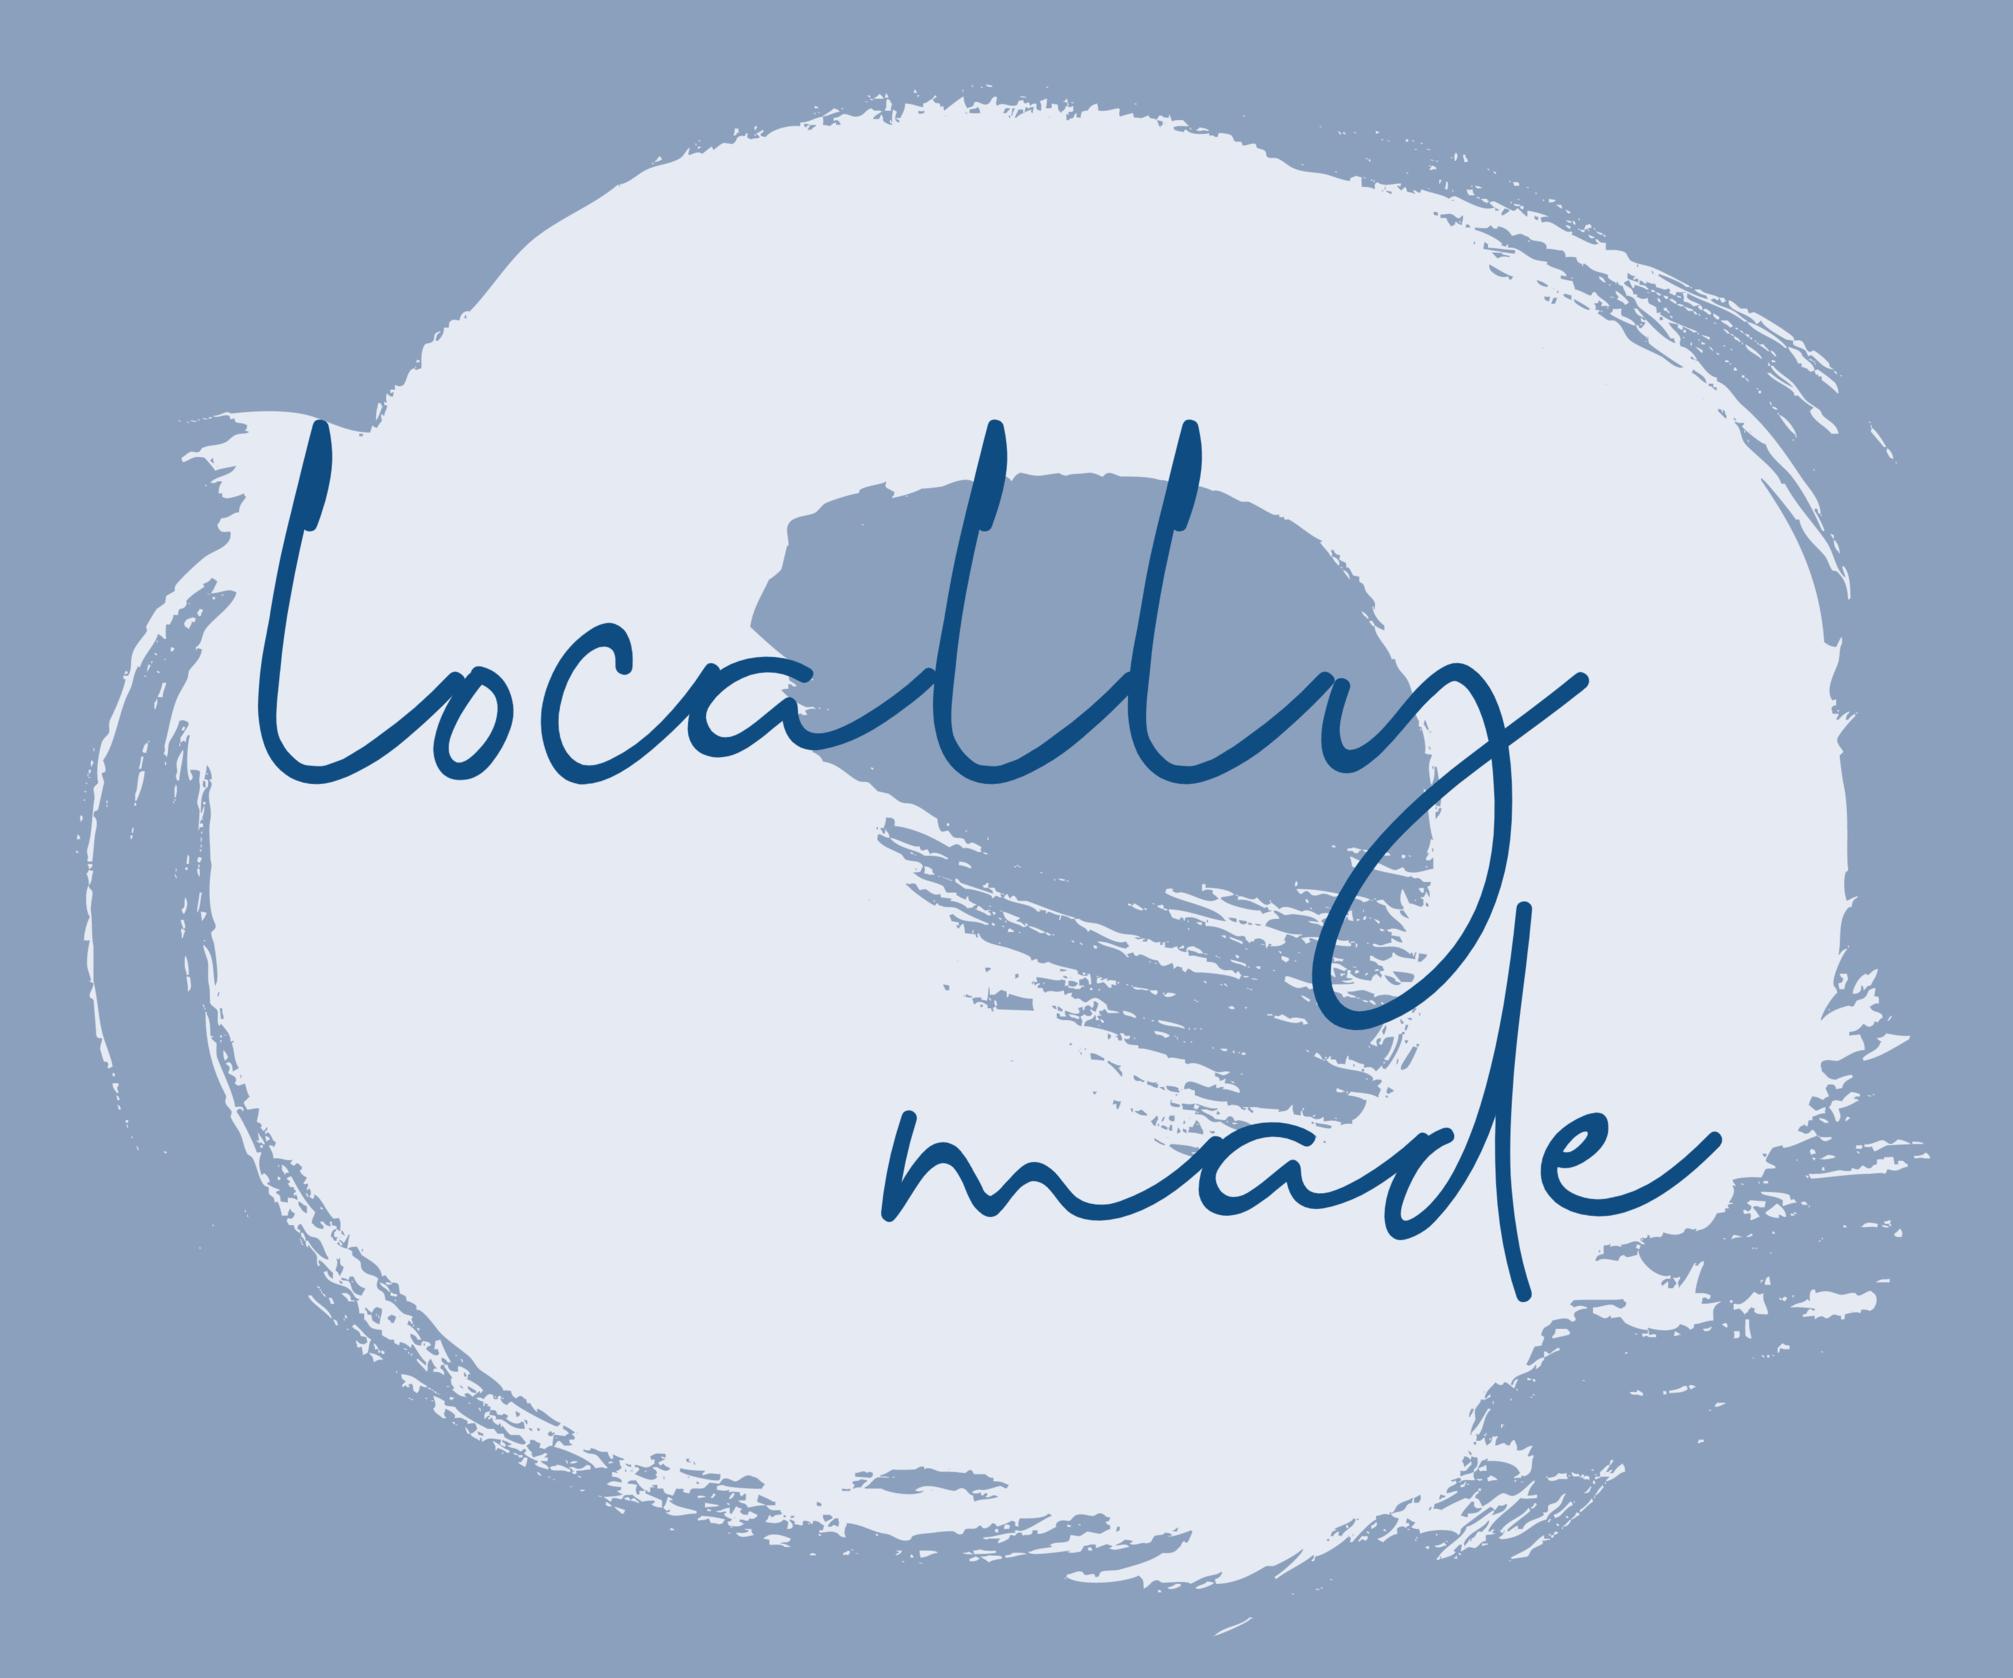 Shop Locally Made